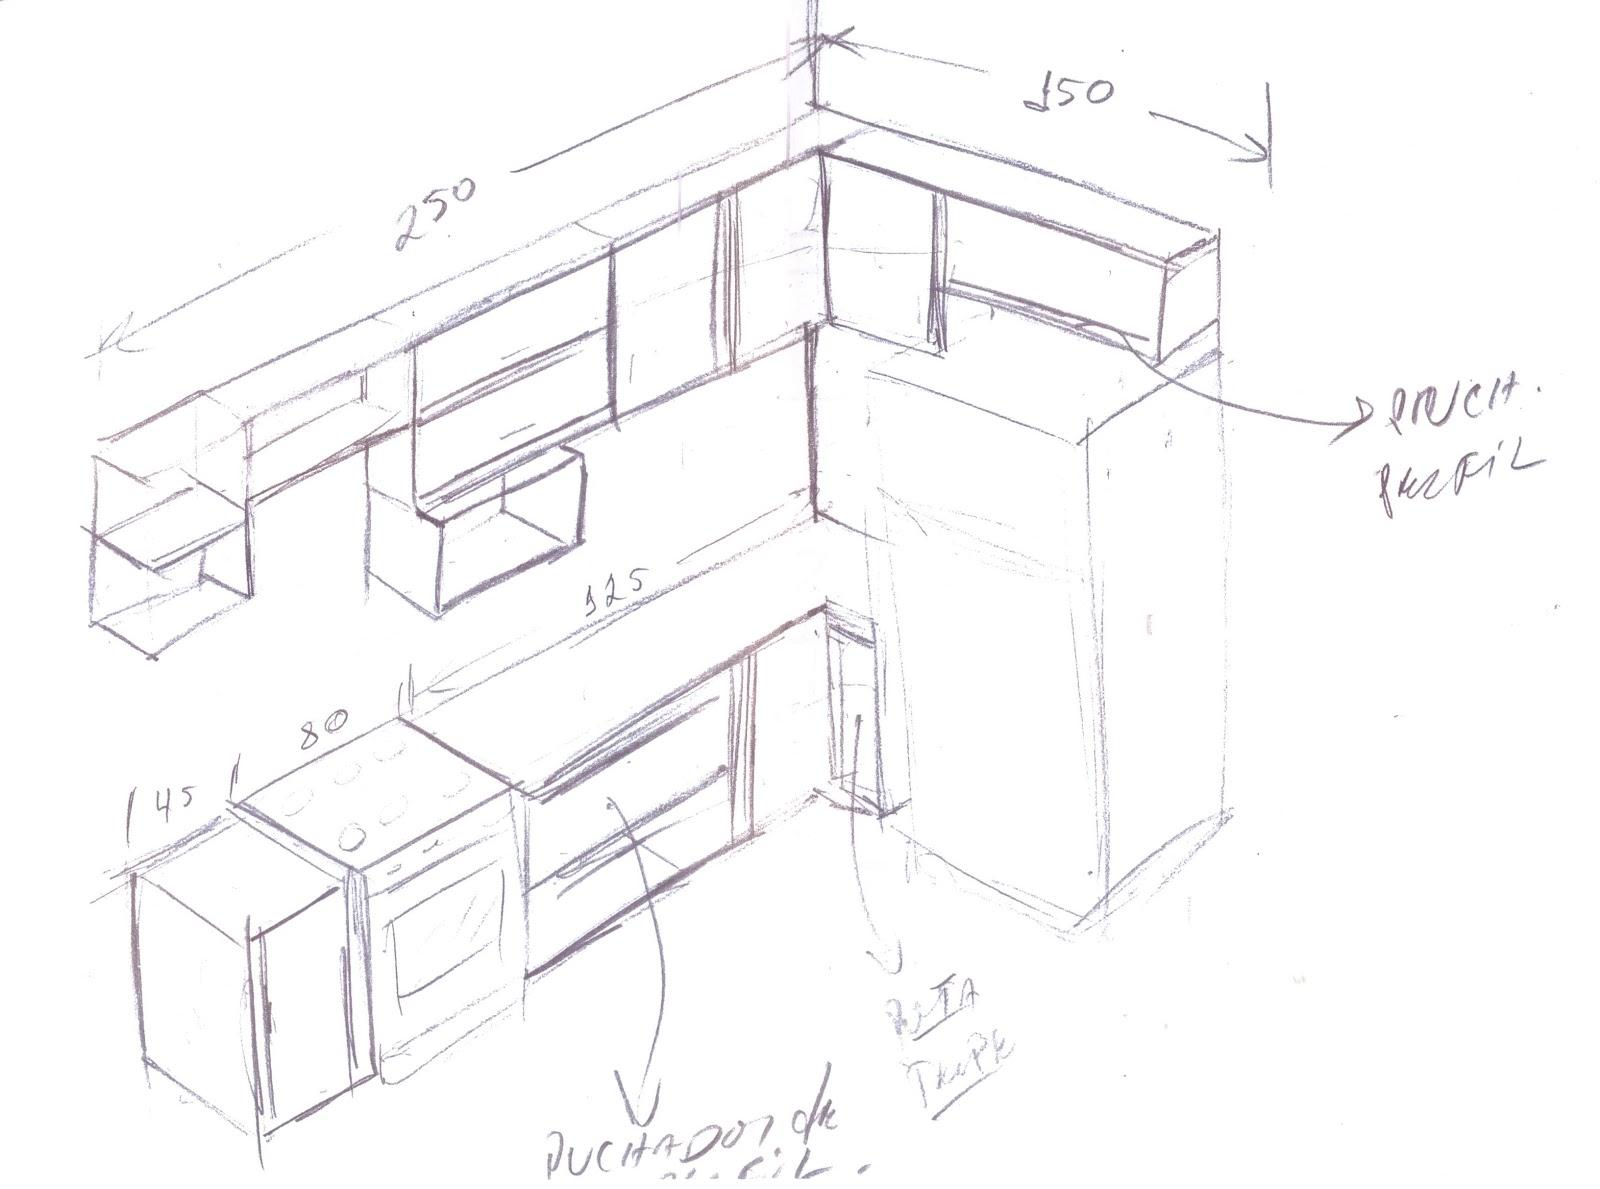 #5A5A71 Vou mostrar a vcs a cópia do desenho que ele fez para a minha cozinha  1600x1189 px Desenhos De Projetos De Cozinhas Planejadas_3369 Imagens